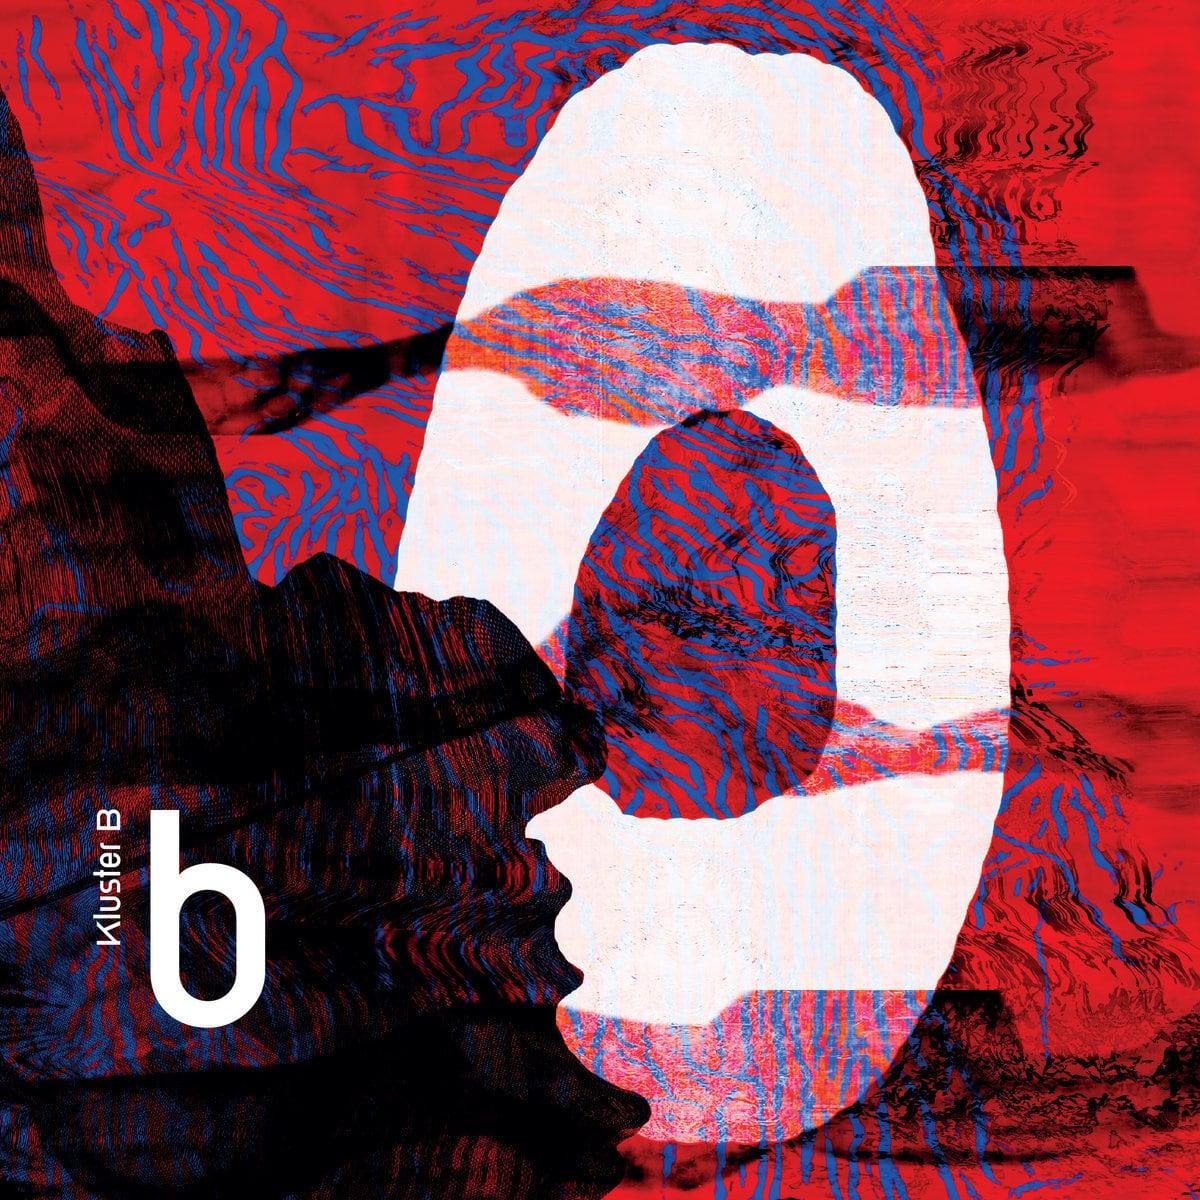 Kluster B / b(200 Ltd LP)